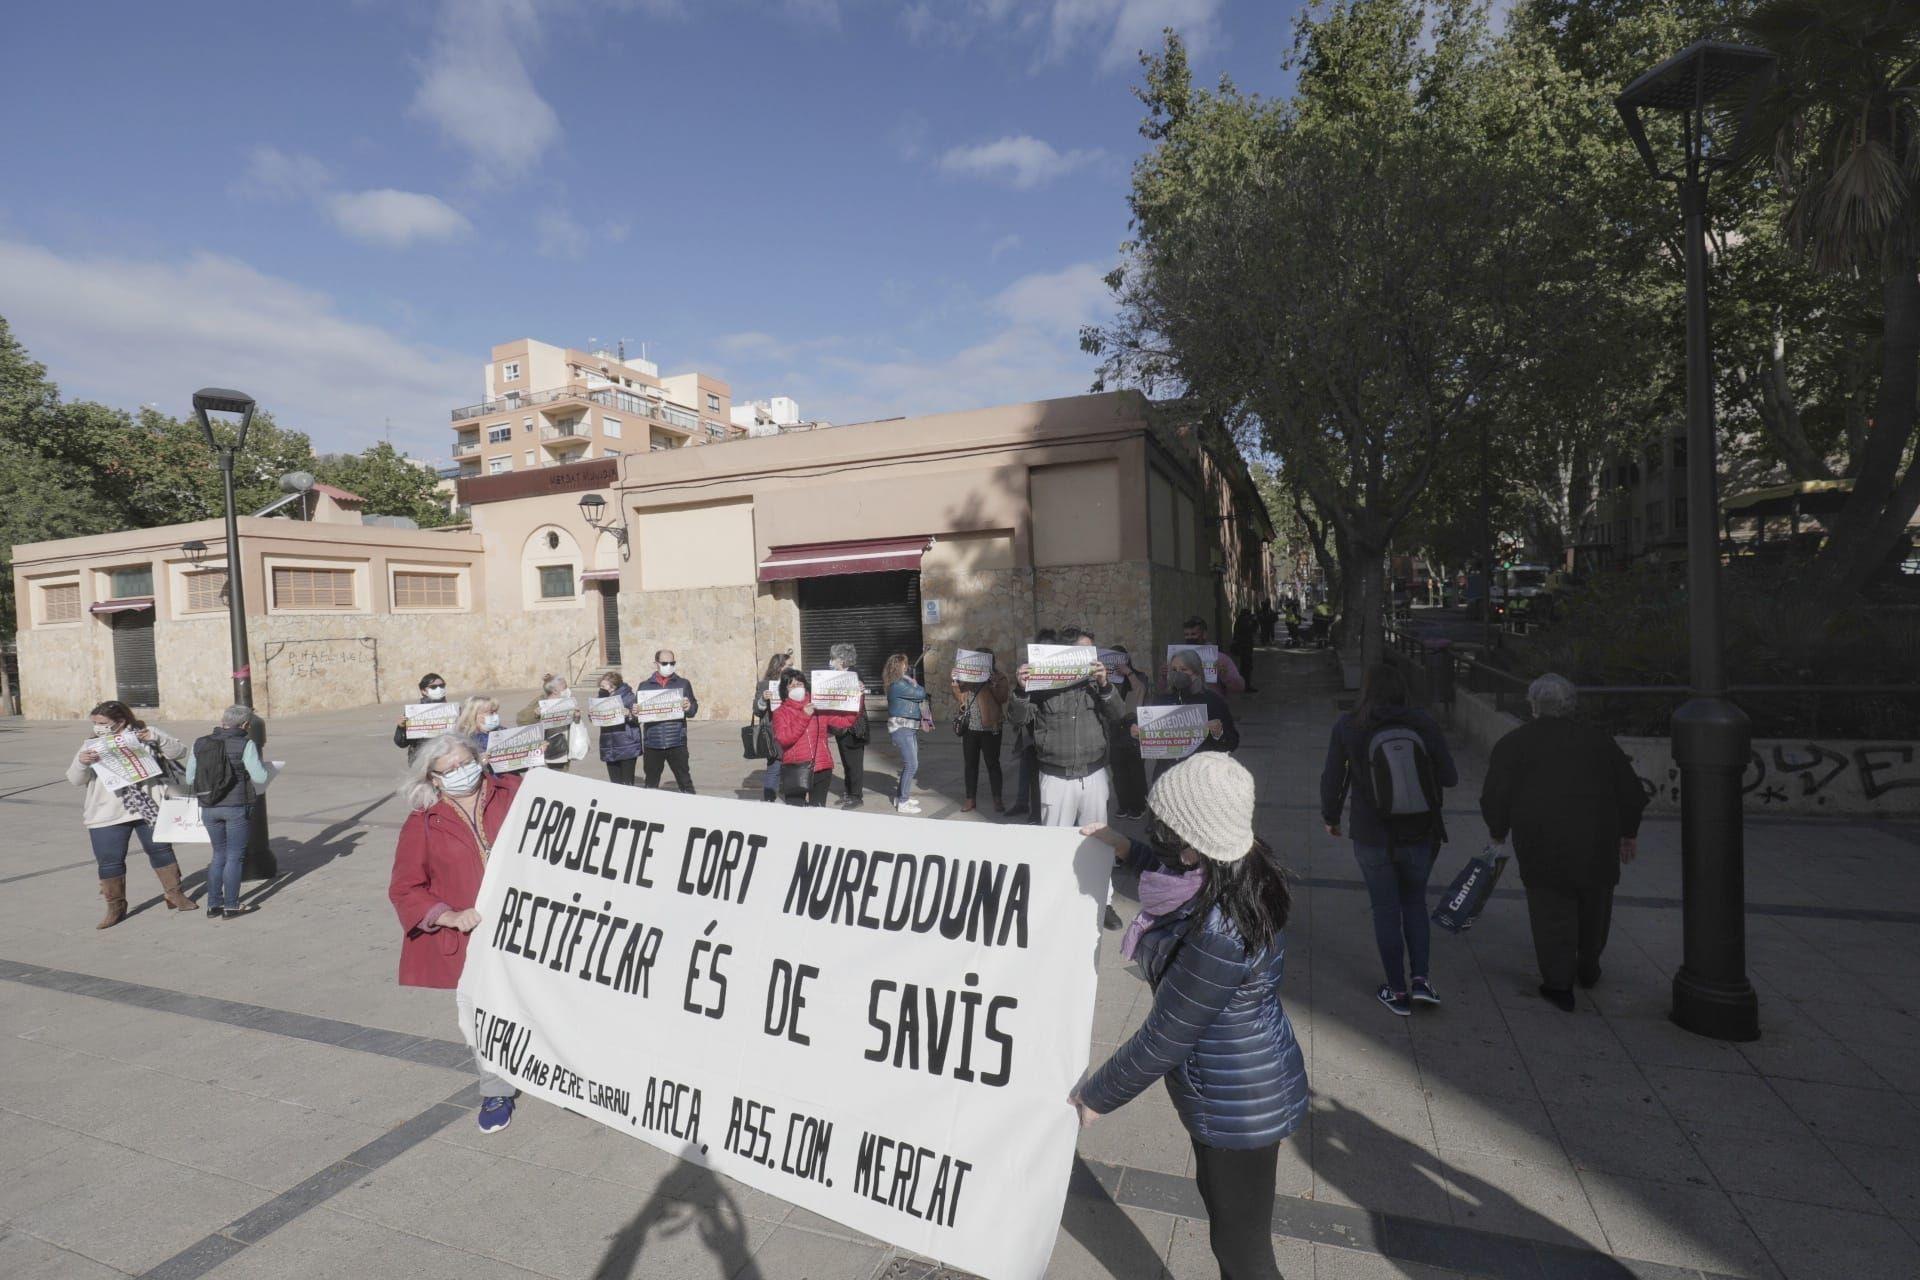 Obras en Pere Garau con protestas por Nuredduna